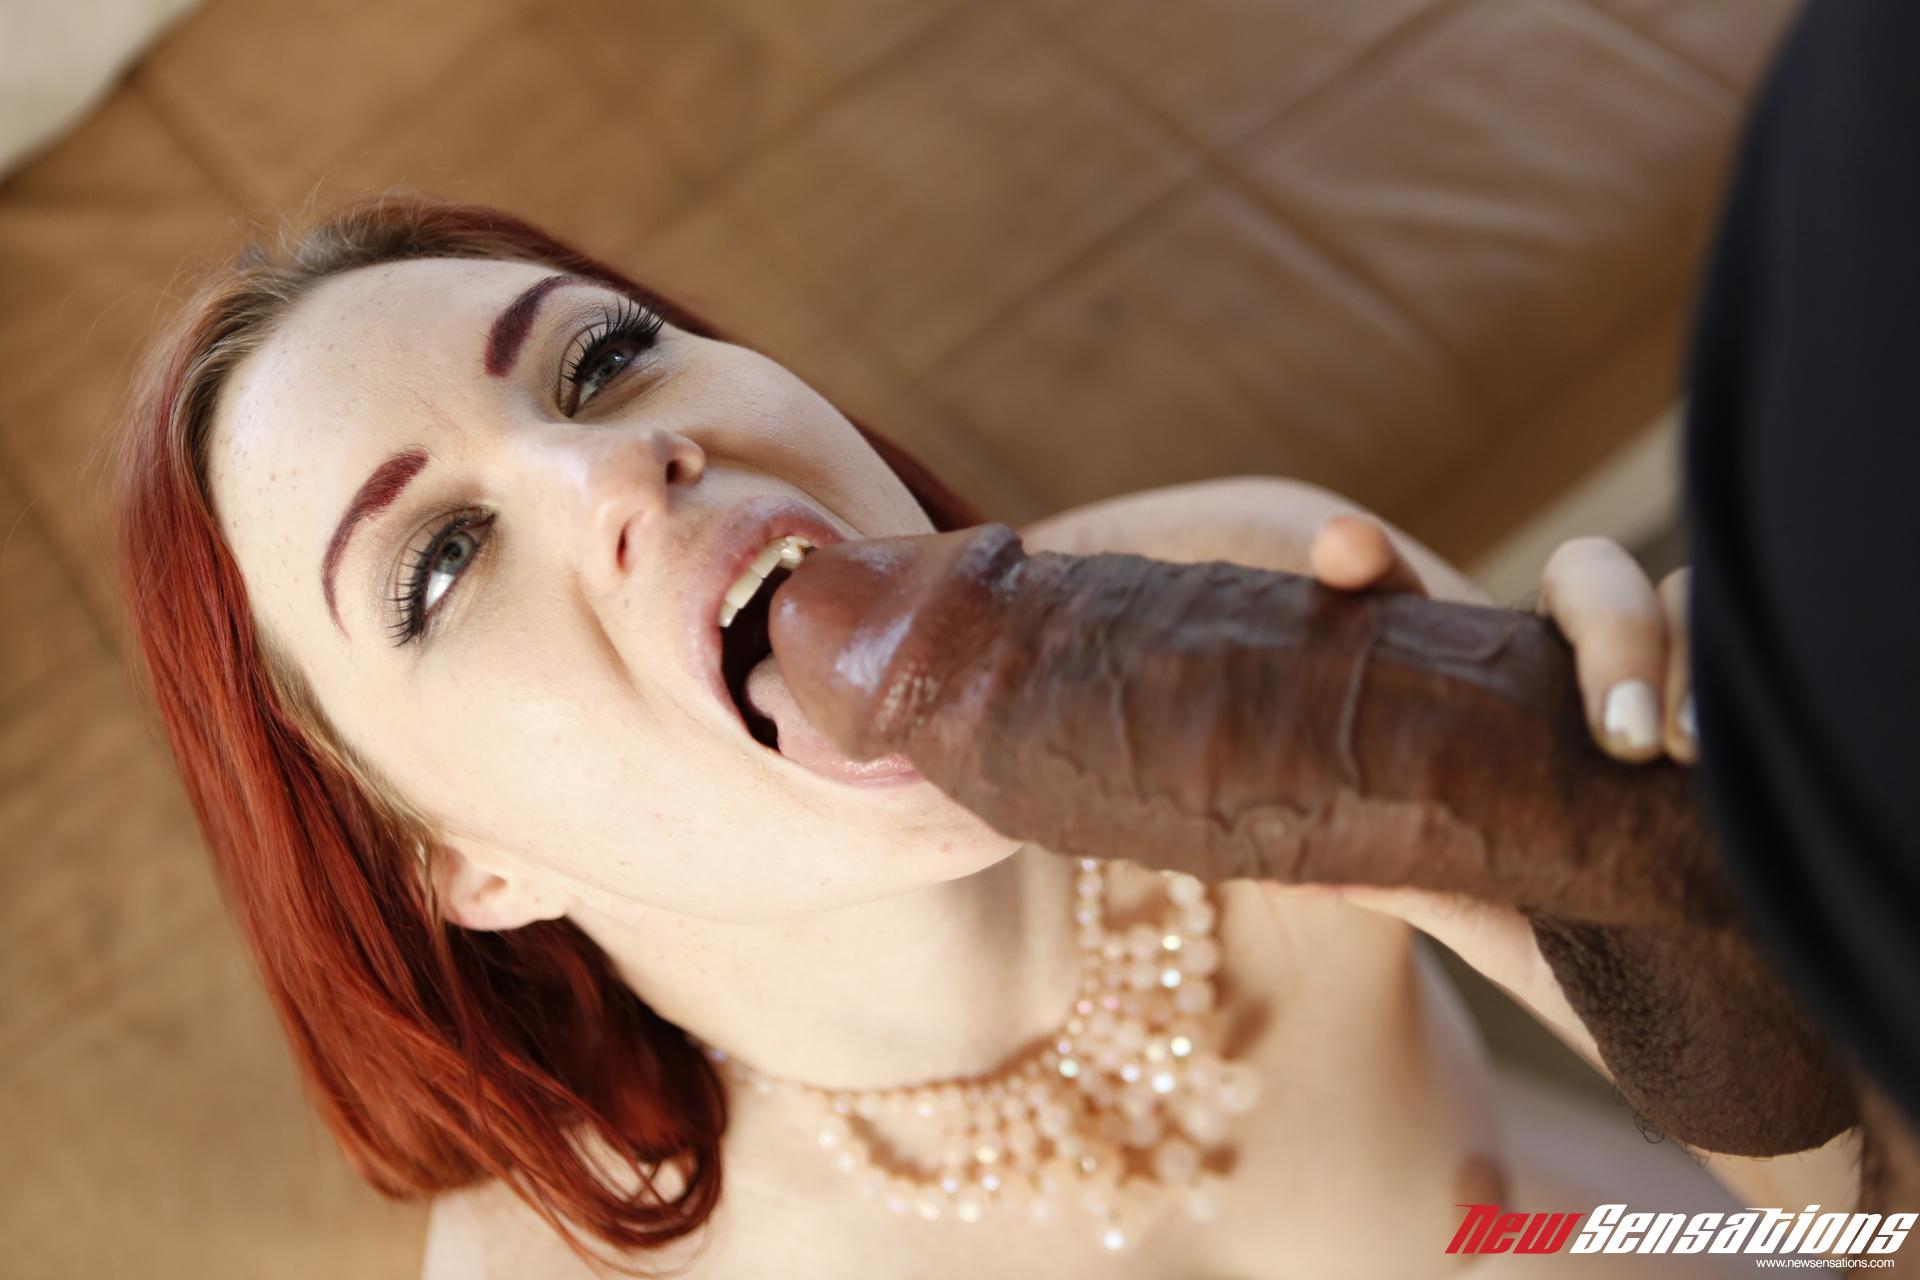 Jessica Ryan - una verga enorme para ella (interracial)